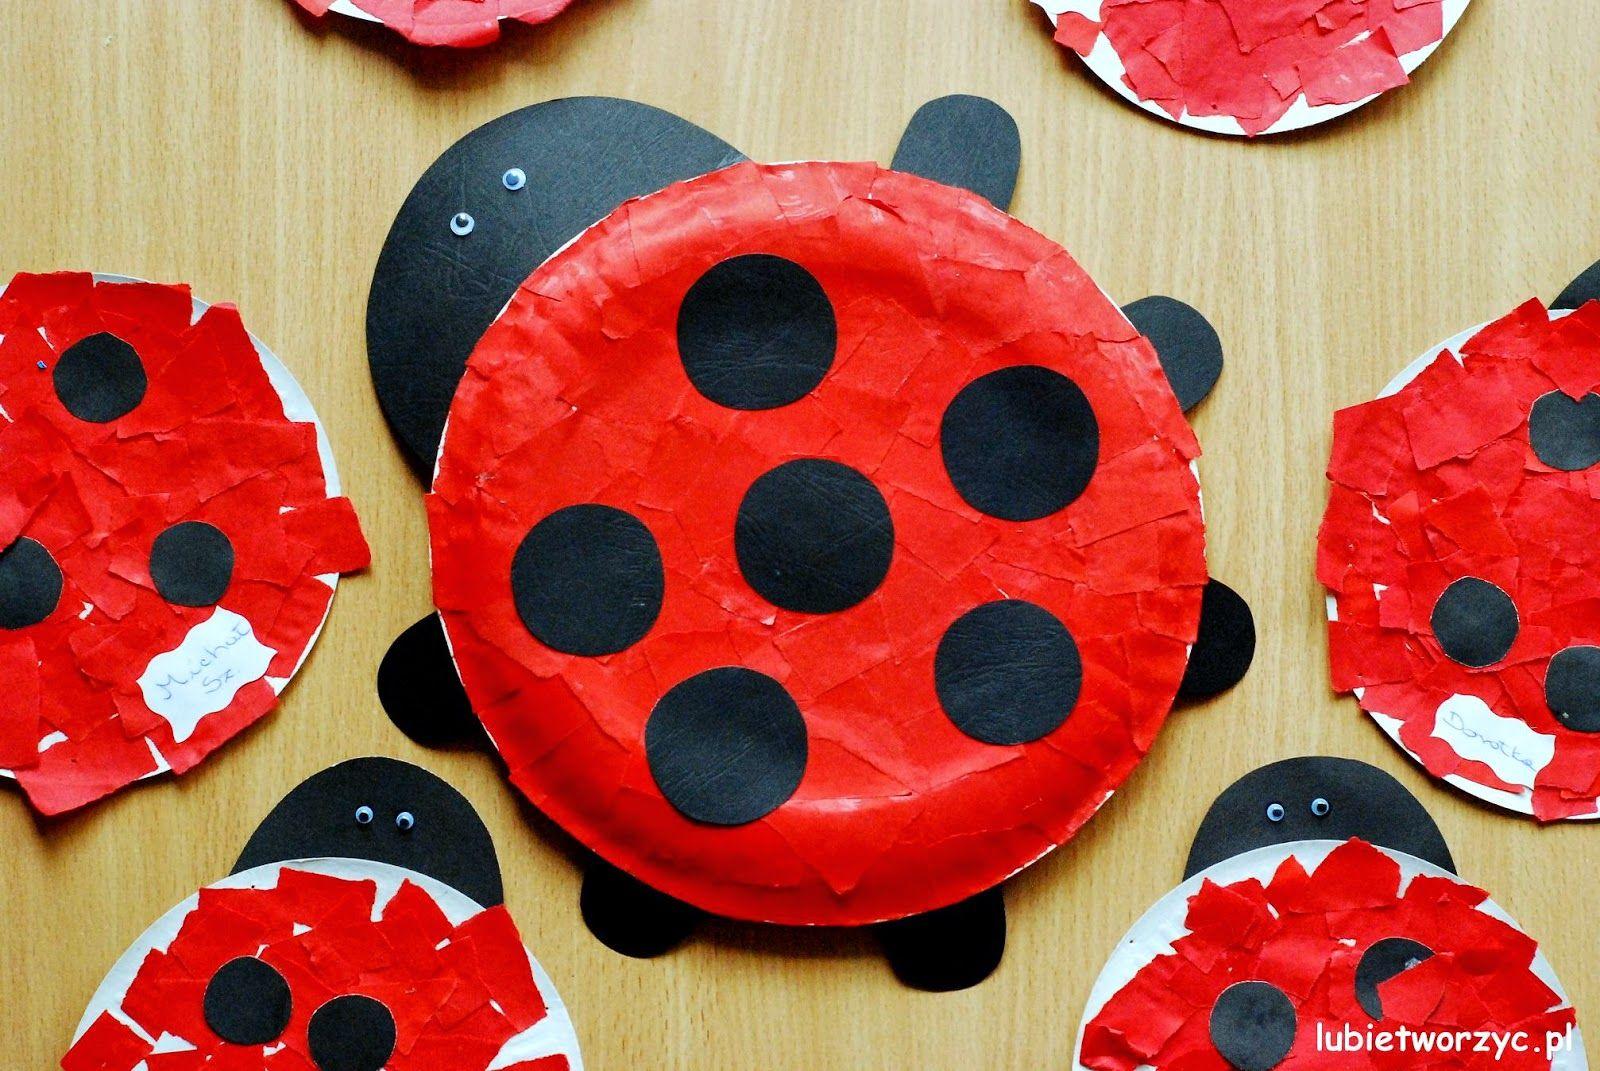 Lubie Tworzyc Biedronka Z Papierowego Talerzyka Crafts Diy And Crafts Minibeasts